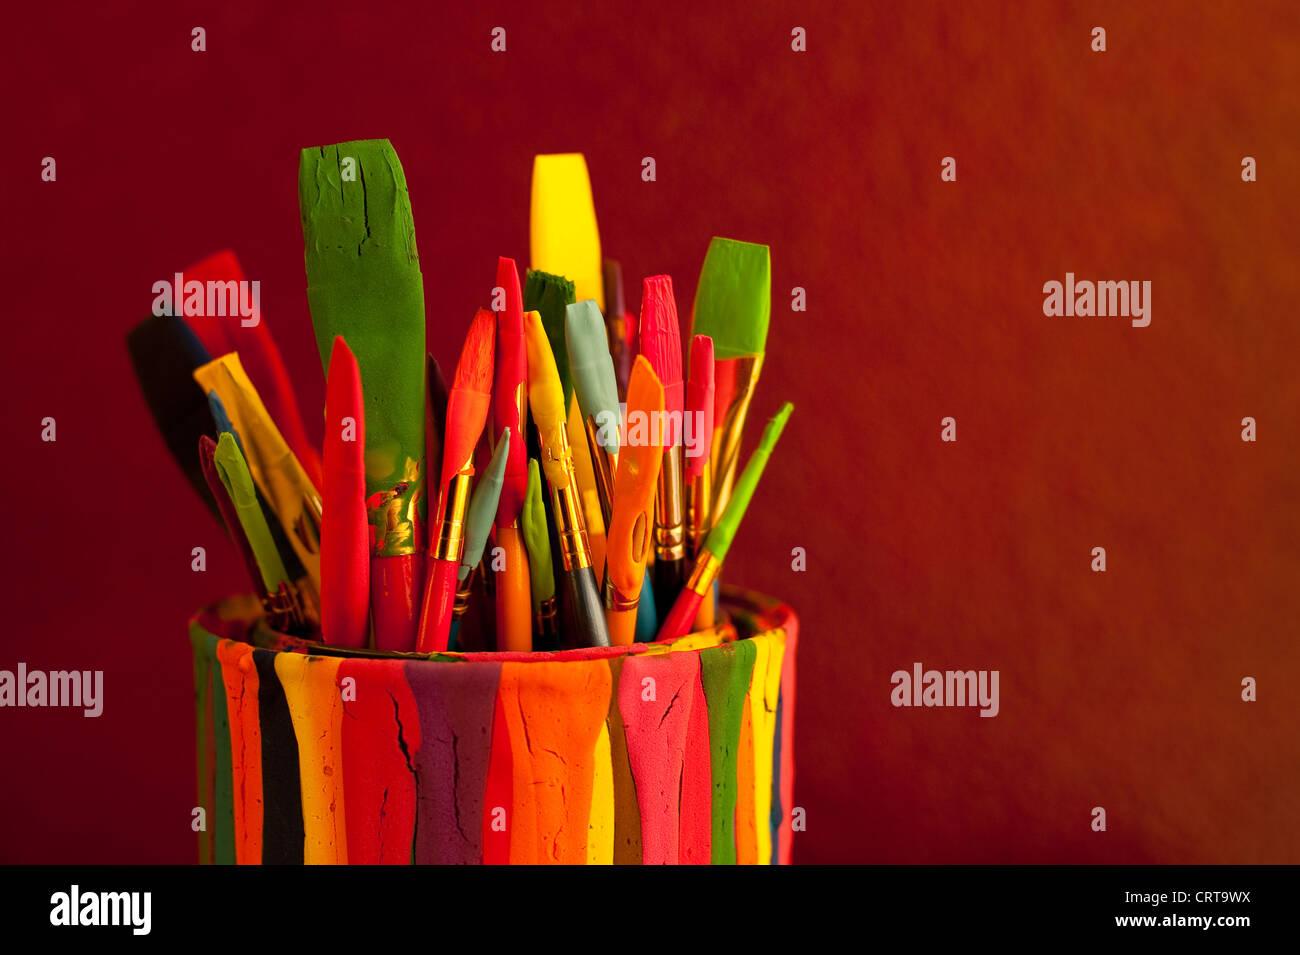 Stillleben-Pinsel in Farbe können auf Schreibtisch Stockbild